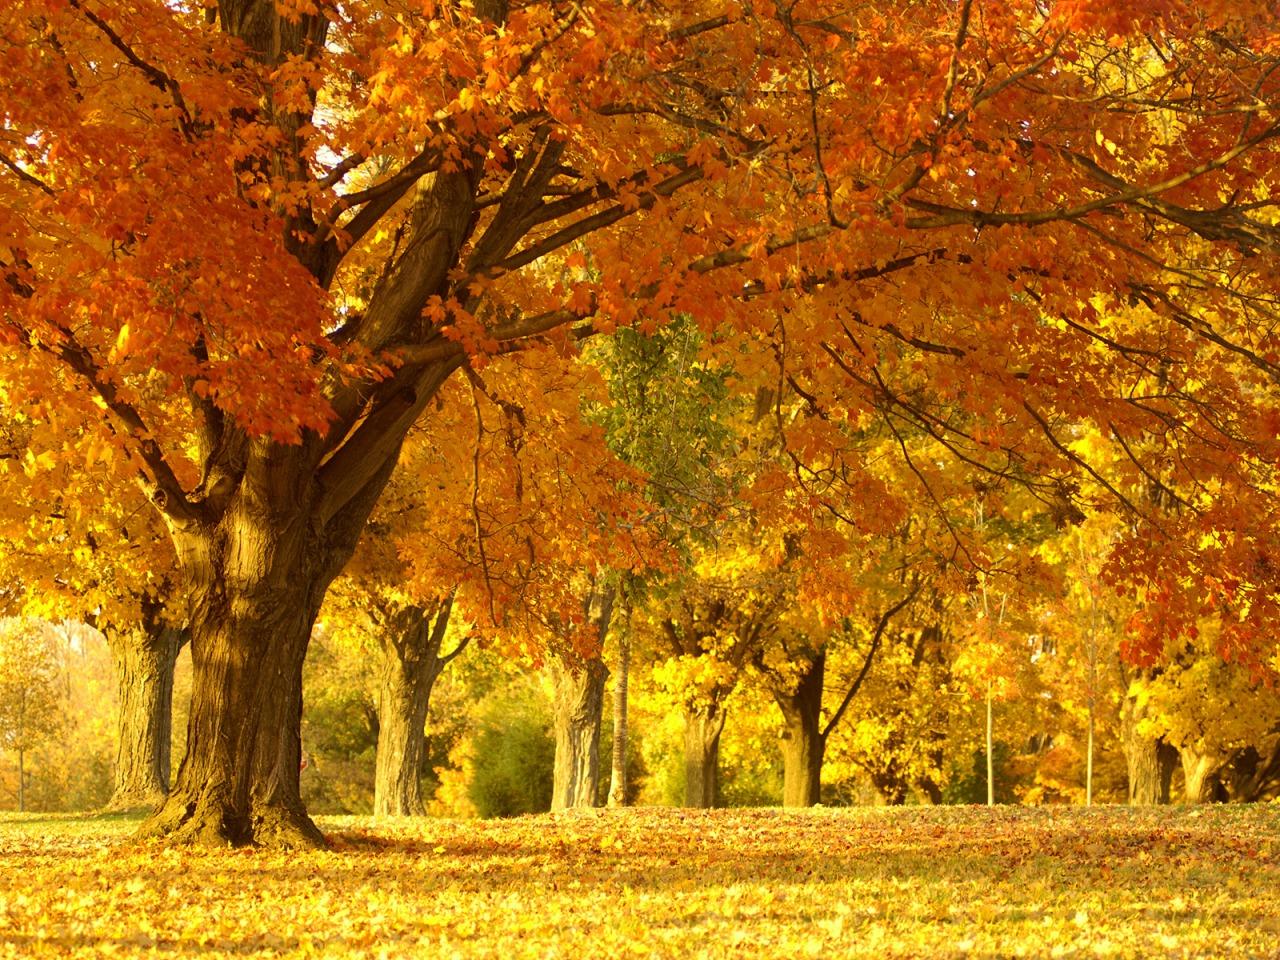 golden autumn tree wallpaper autumn nature wallpaper 1280 960 1018jpg 1280x960